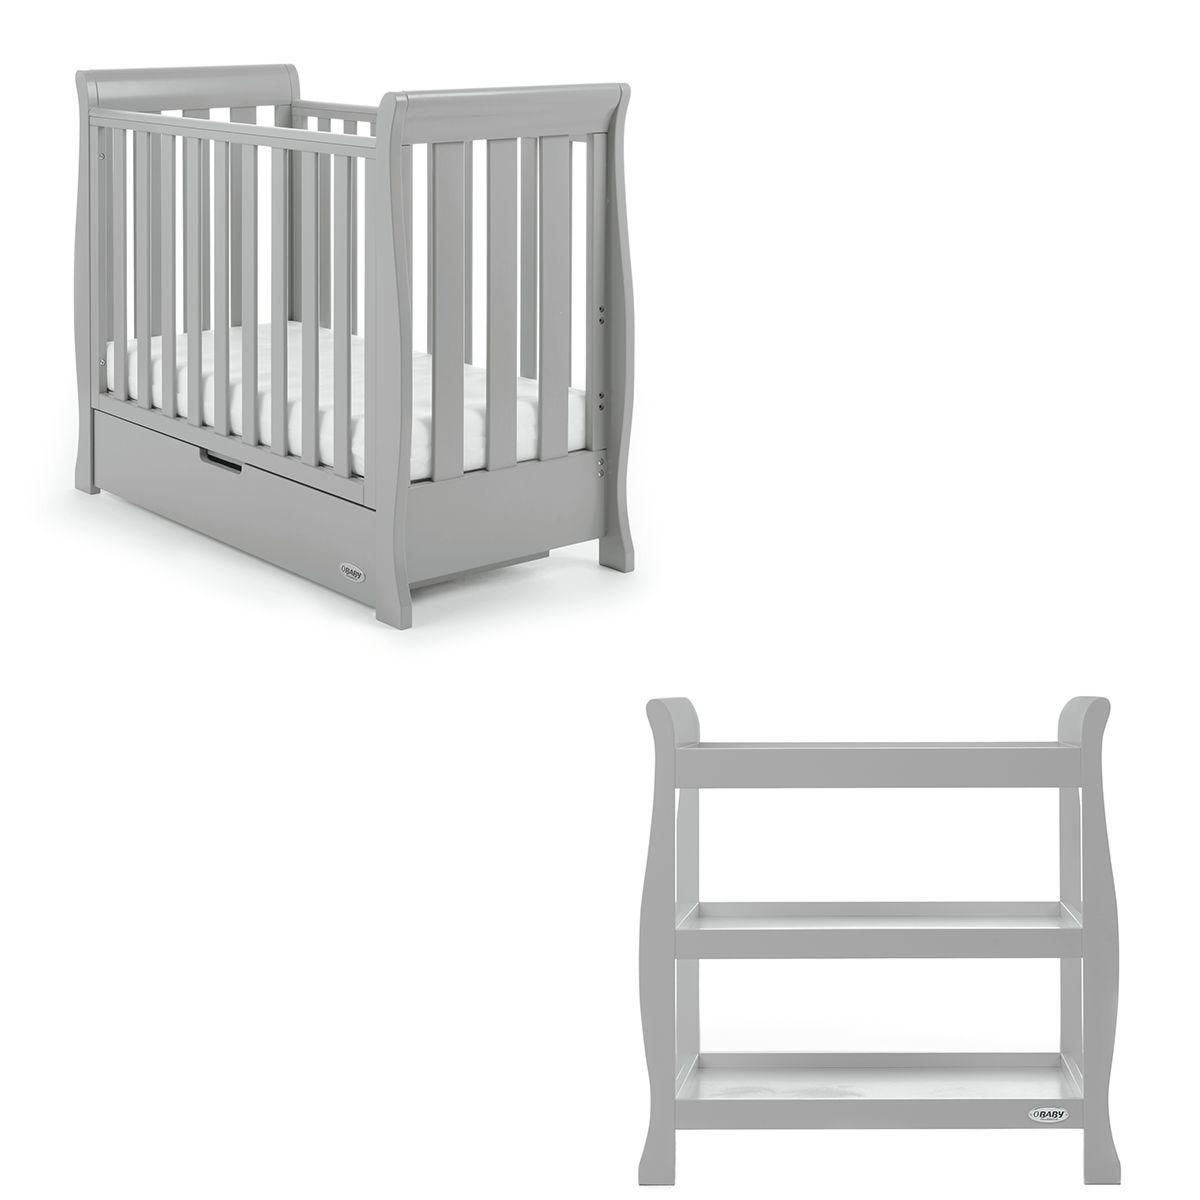 Obaby Stamford Space Saver Sleigh 2 Piece Room Set - Warm Grey